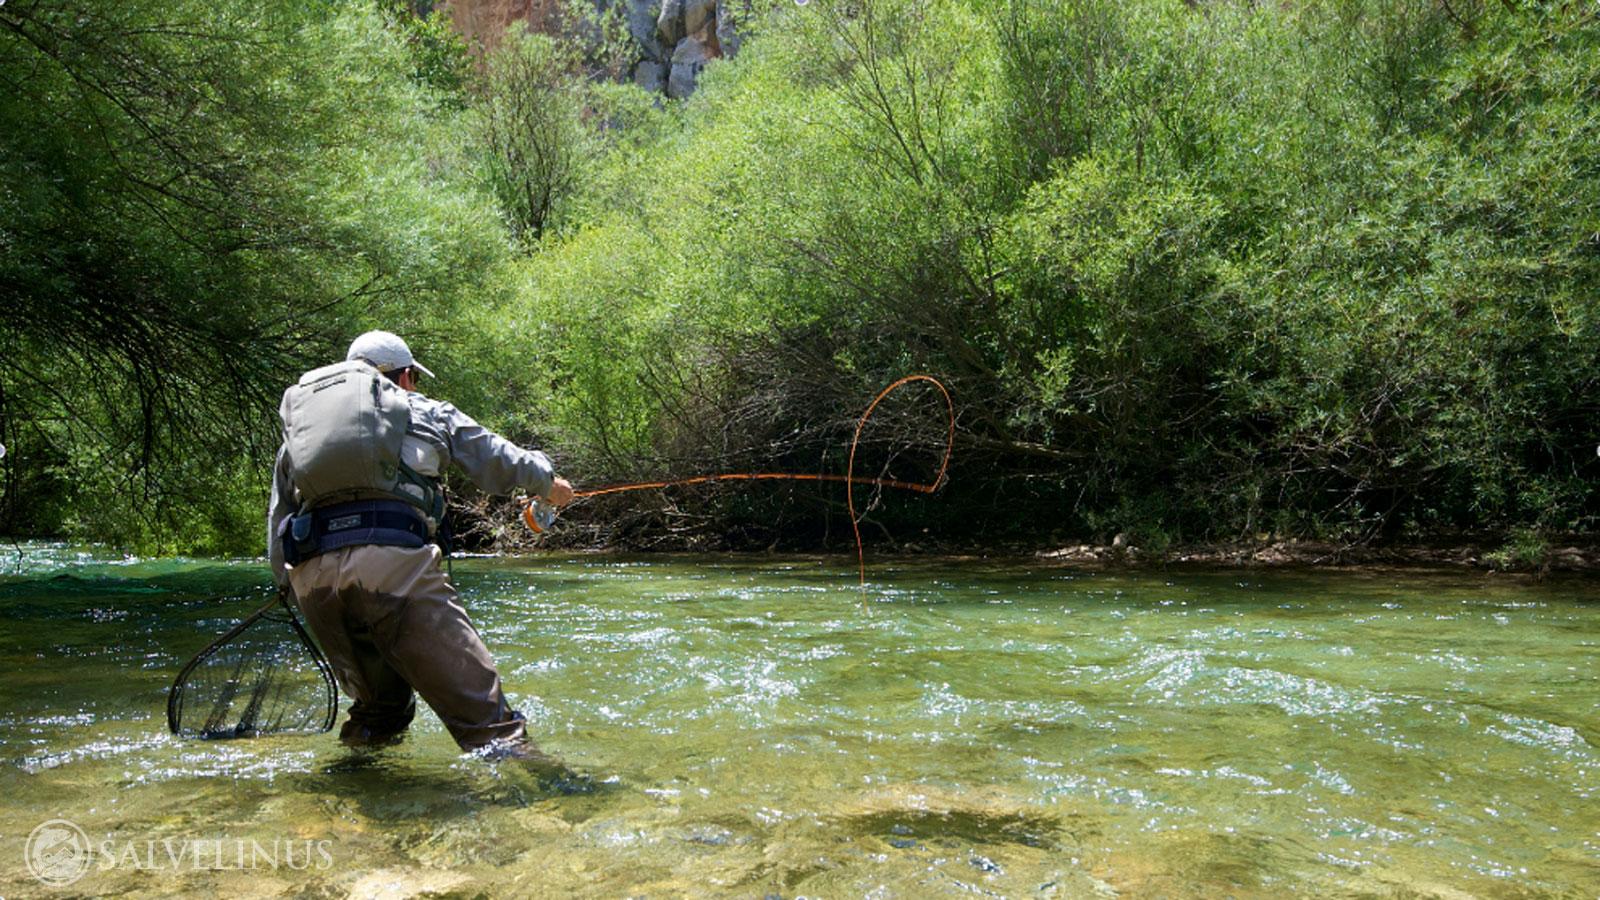 Fly Fishing Wallpaper Fly fishing school in spain 1600x900